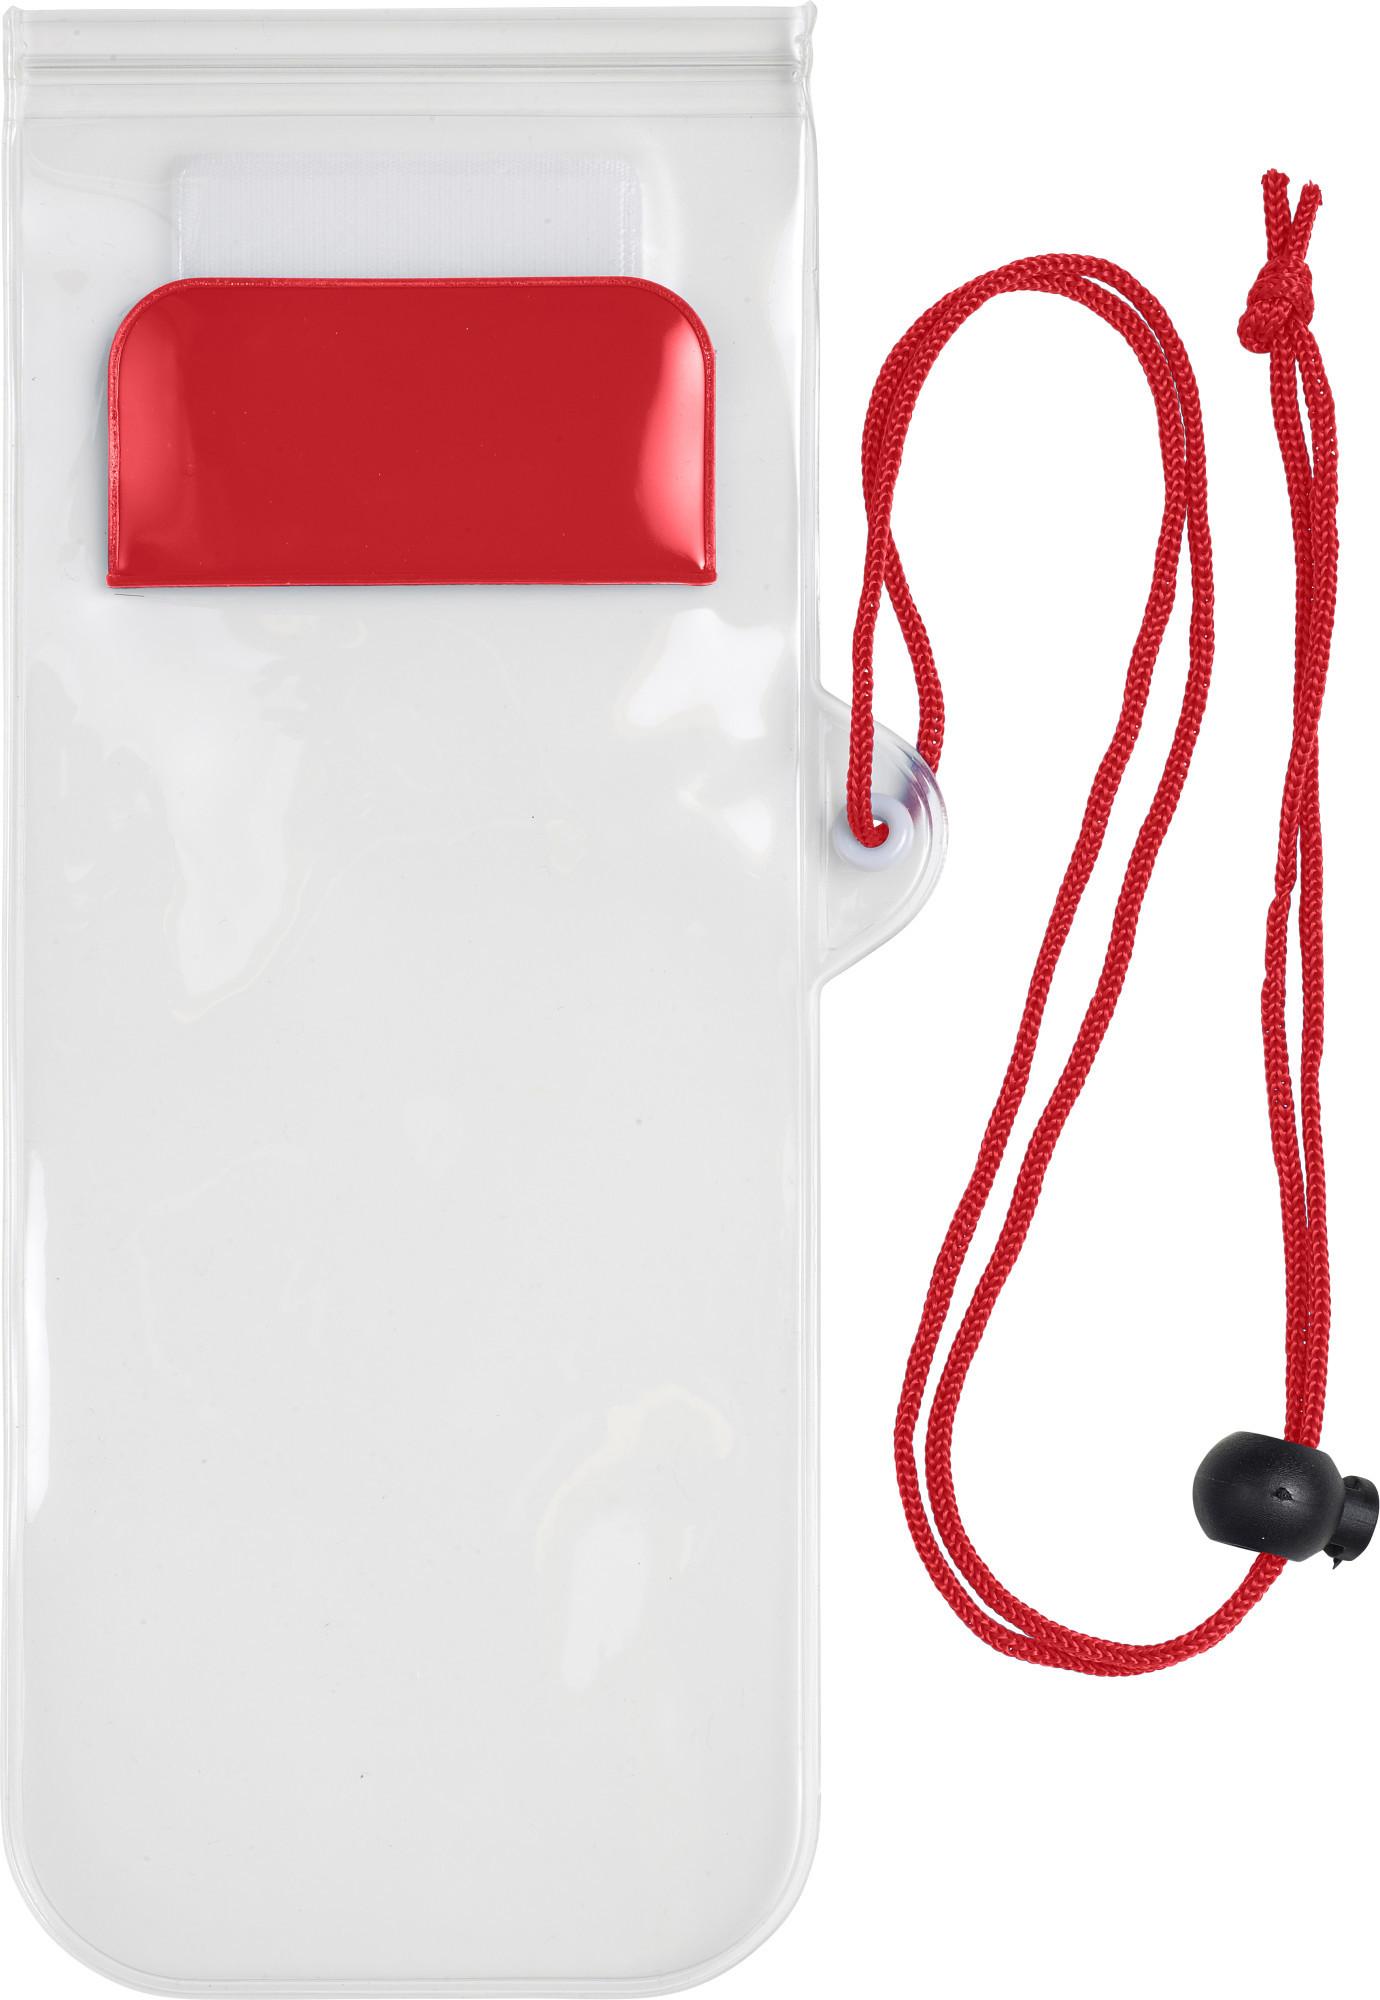 Étui waterproof en PVC pour smartphone - 19-1252-24